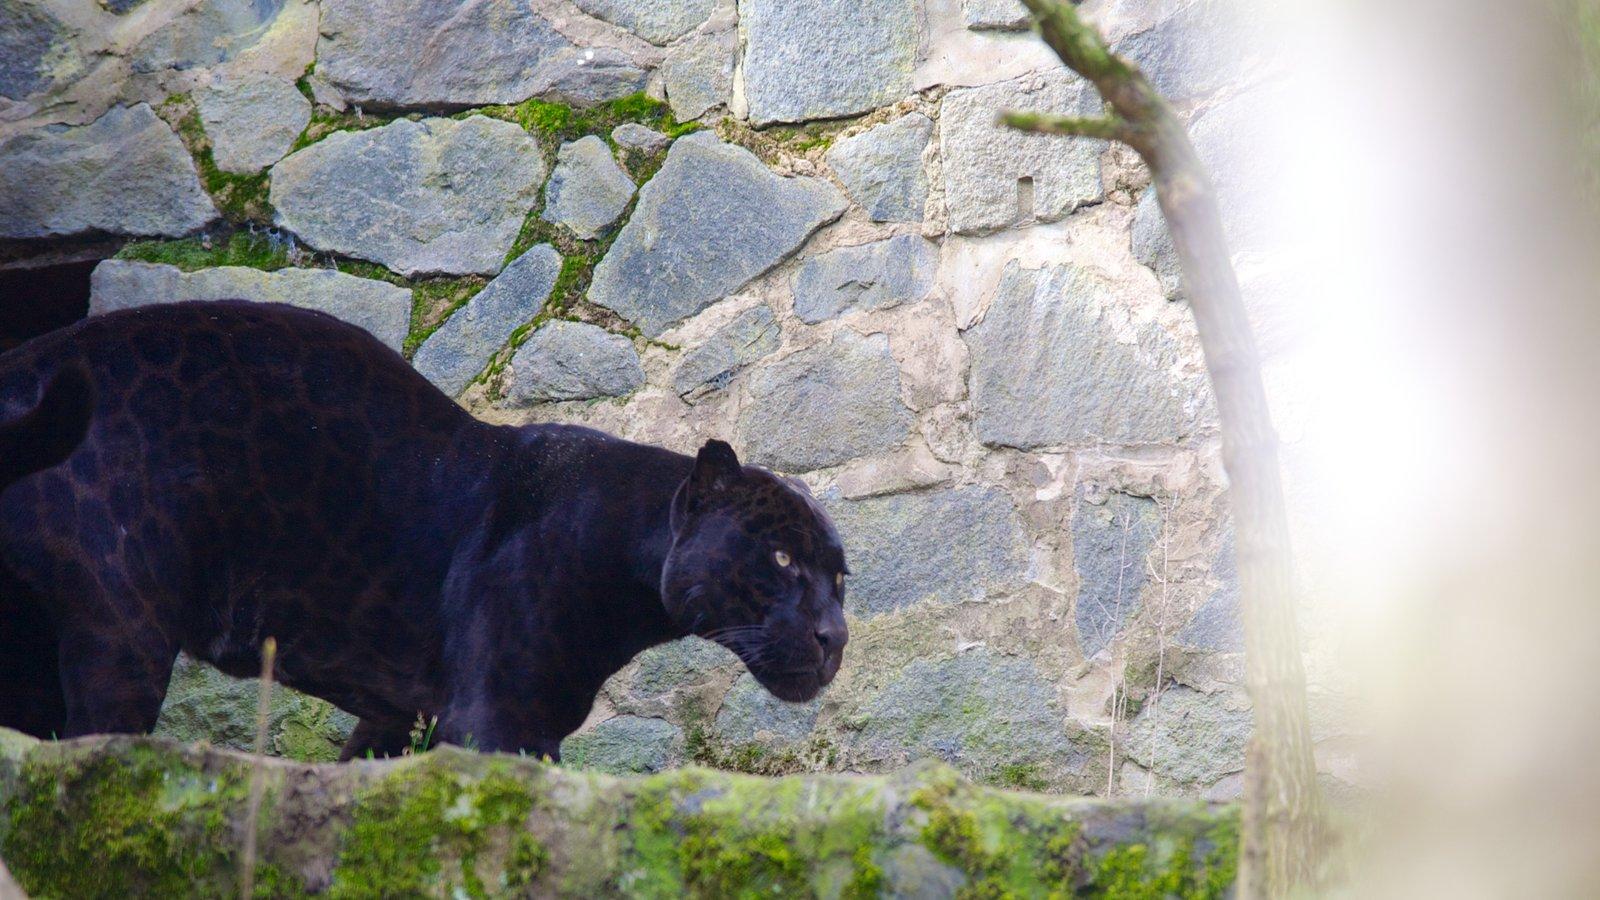 Zoológico de Edimburgo mostrando animales peligrosos y animales del zoológico